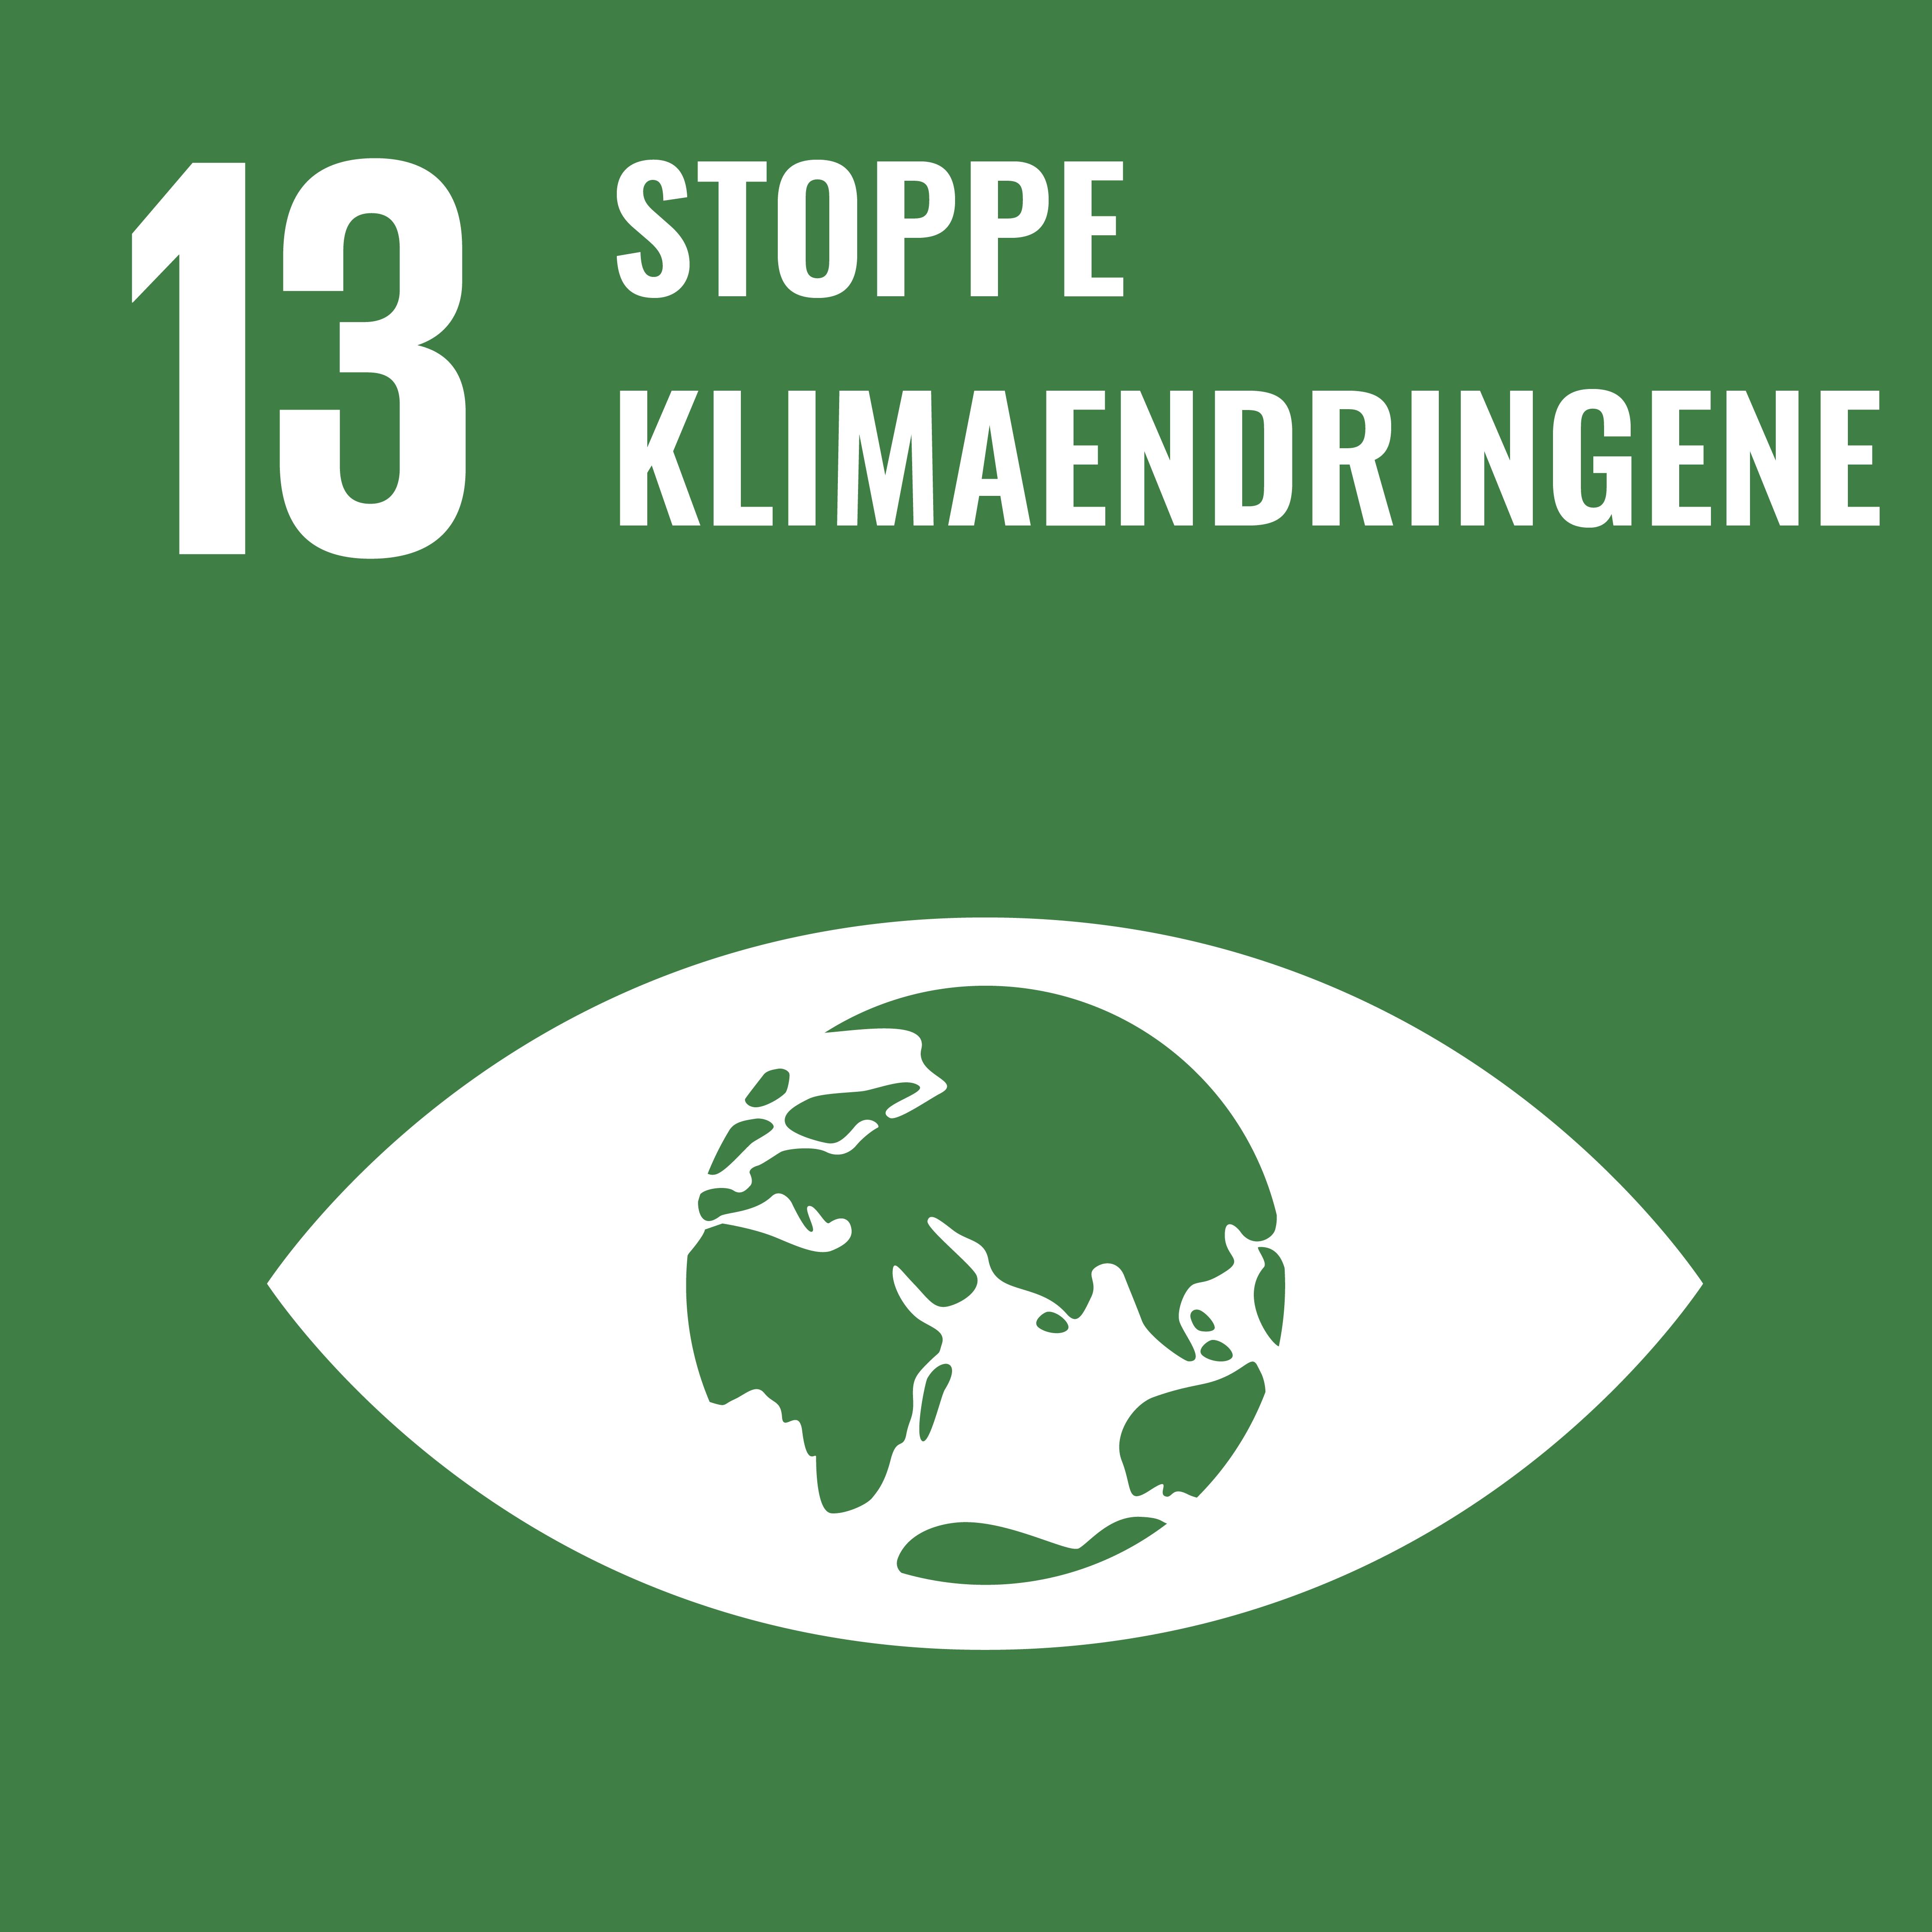 13 Stoppe klimaendringene